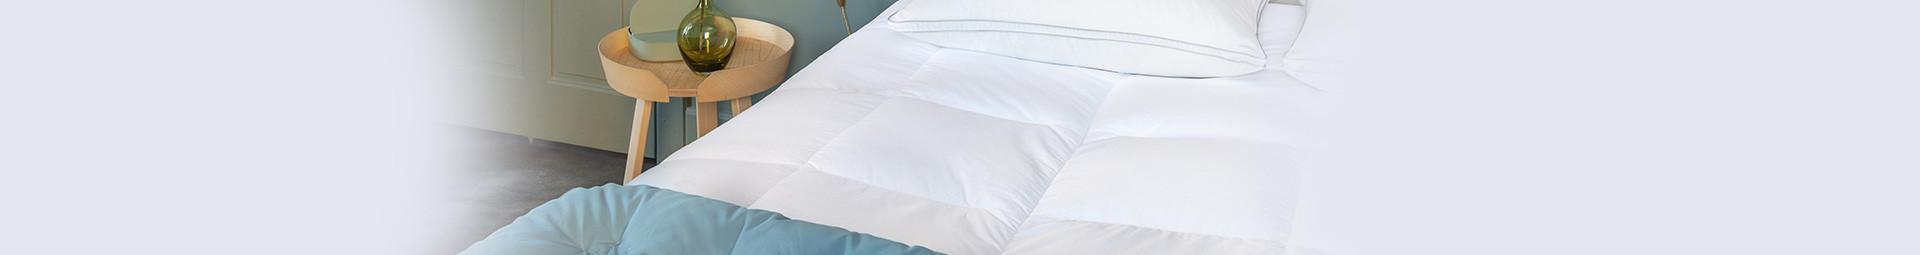 Couette témpéree en duvet naturel pour la mi-saison - Pyrenex